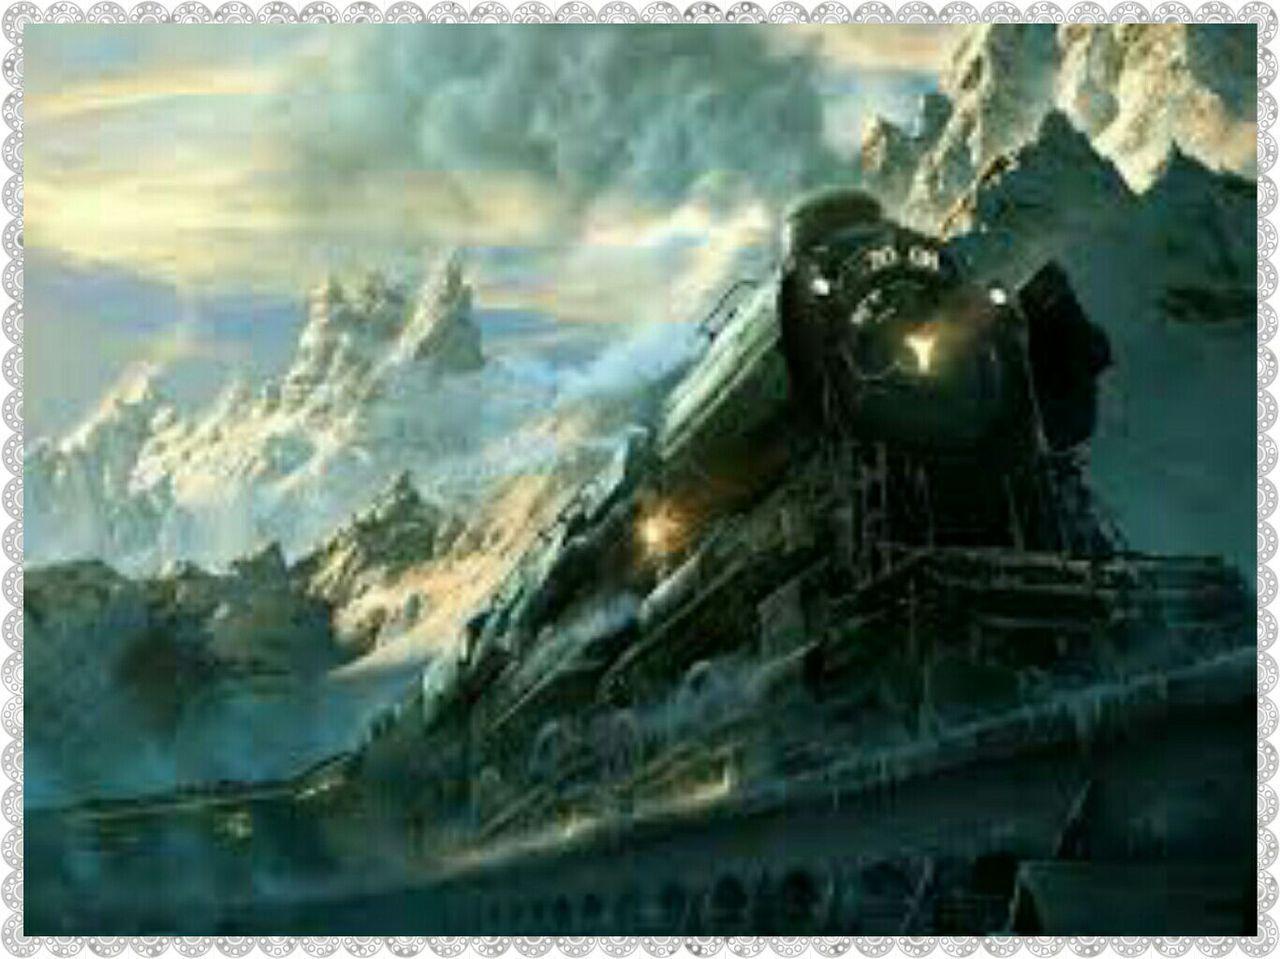 Los siguientes días de mi viaje en el tren no contemplé más ruinas, solo desierto